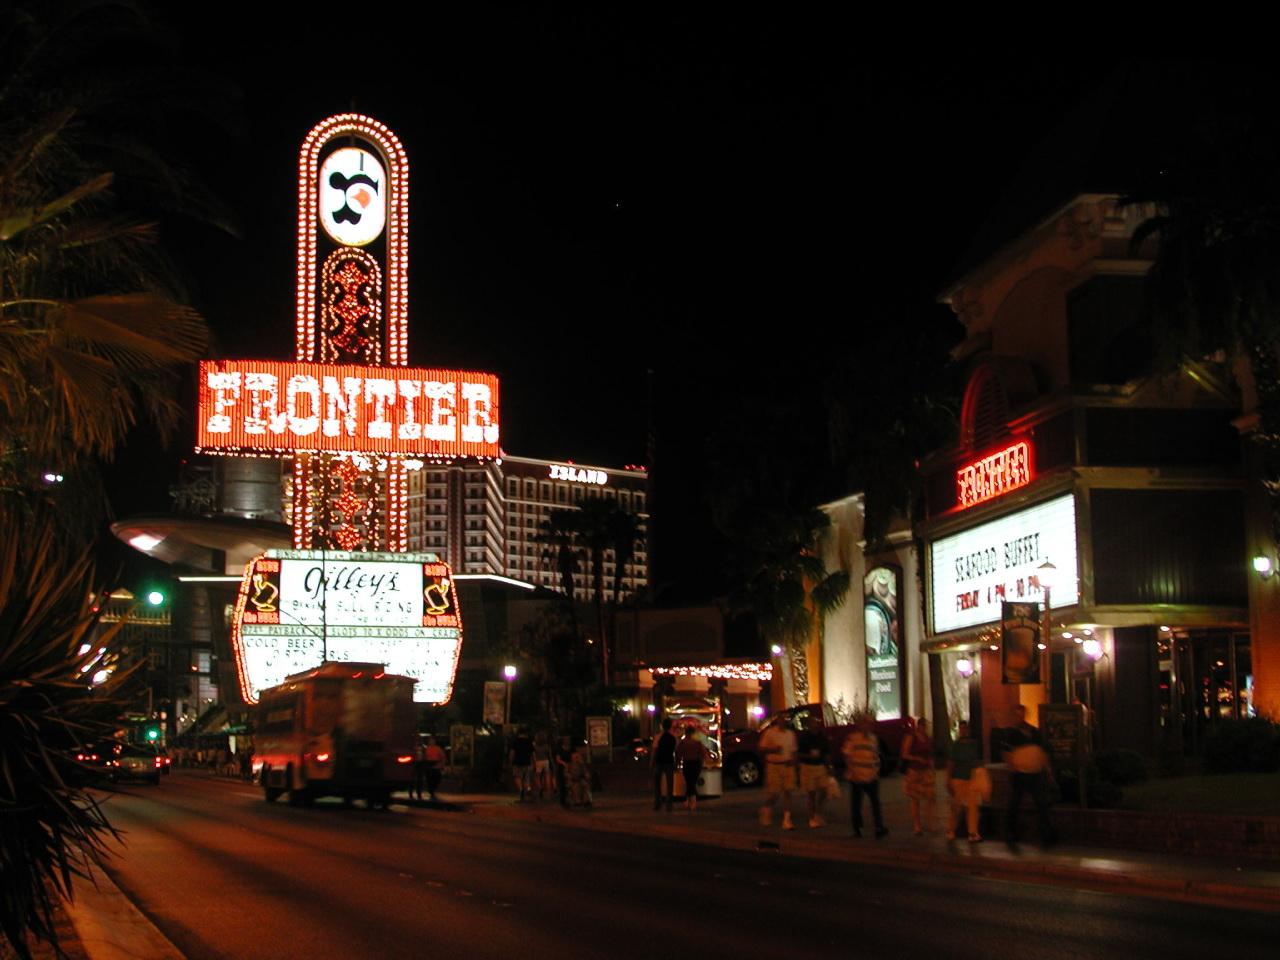 Casino d clauss cherokee casino employment application